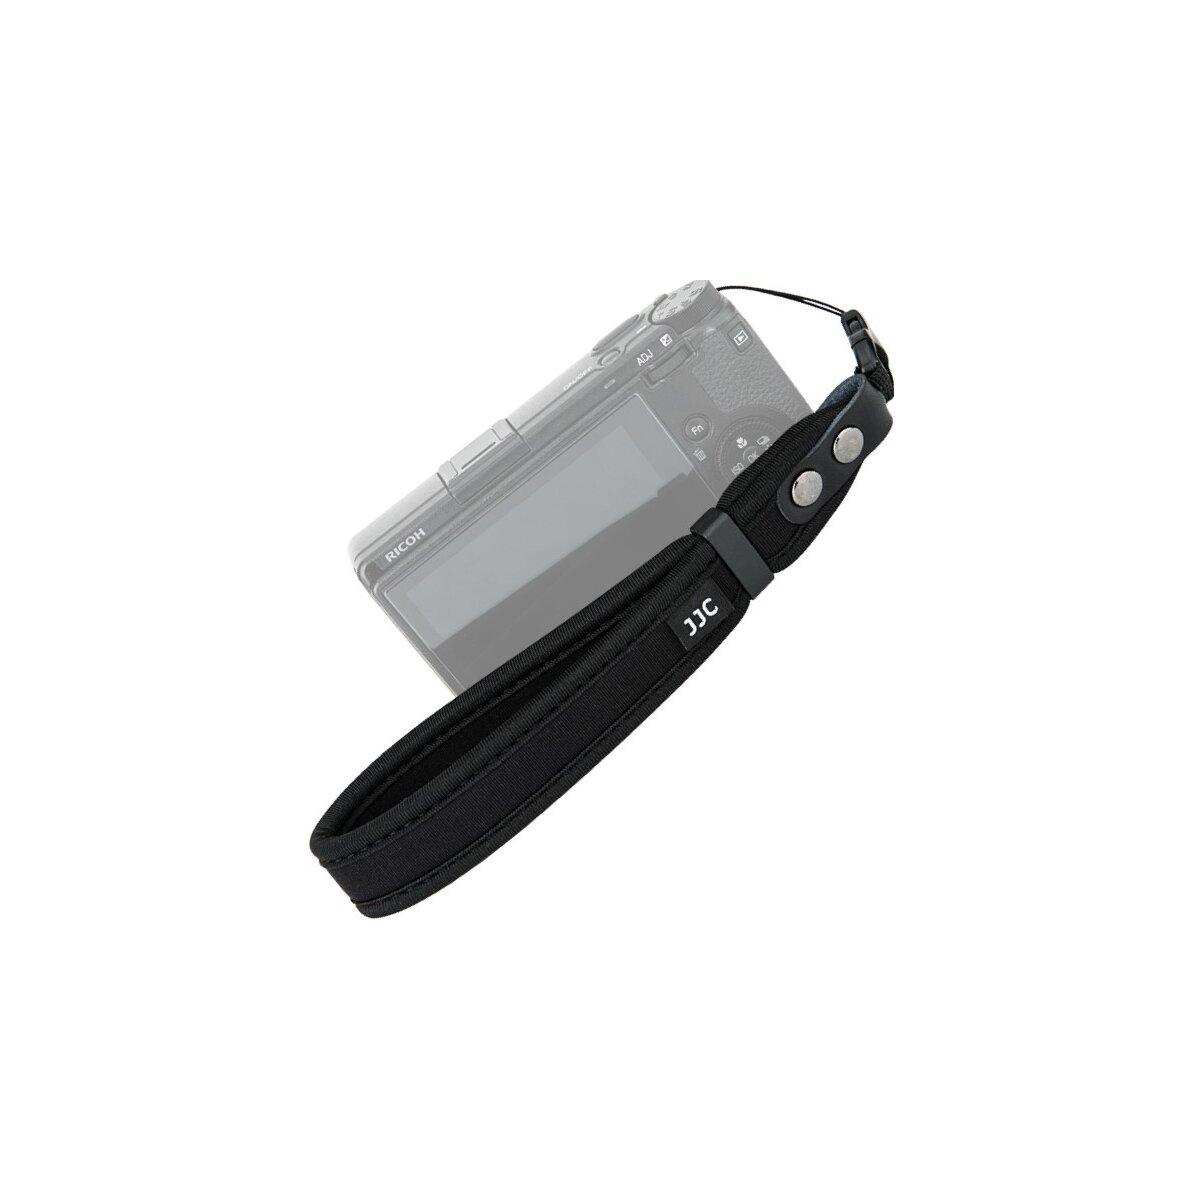 Impulsfoto JJC ST-CP1 Kamera Handschlaufe | Für DSLR- und Kompakt-Kameras | Hochwertiges Neopren | Sicherer Griff | Schnellverschluss | Belastbares ABS-Material